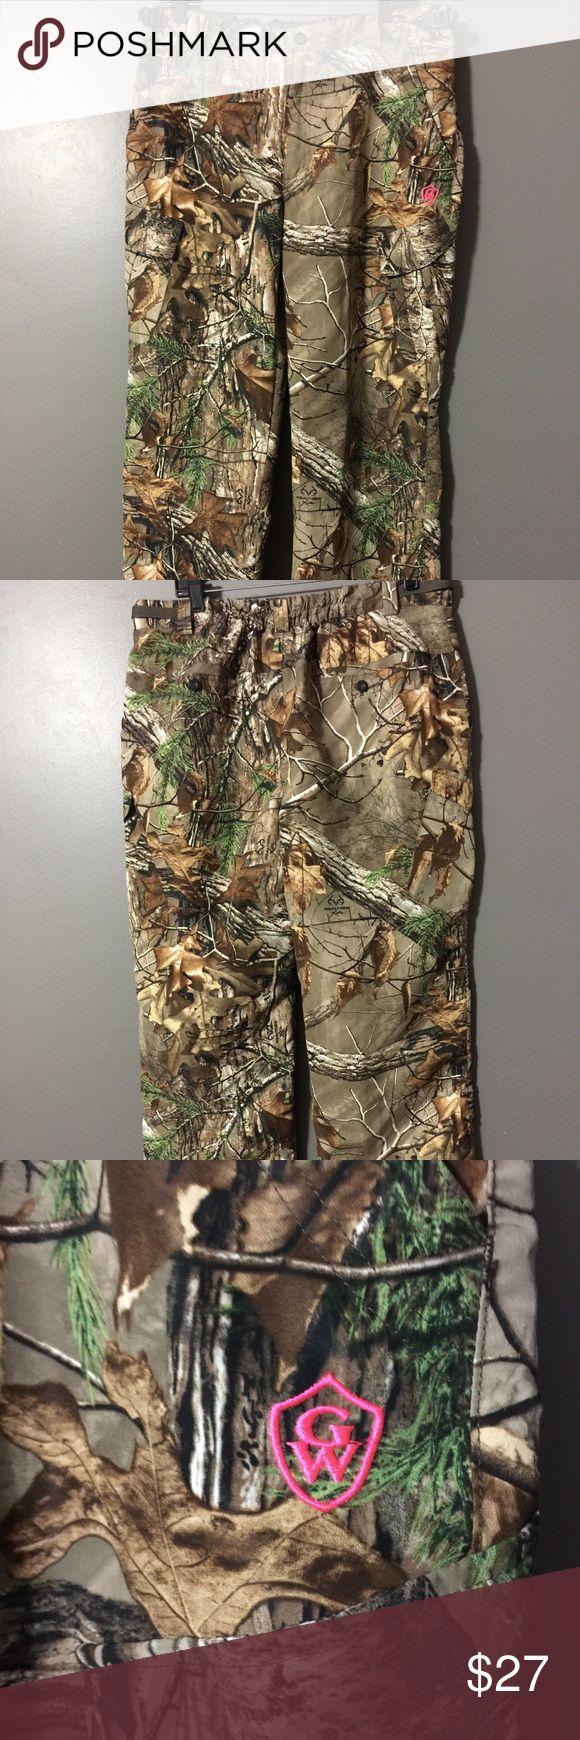 Realtree Xtra Camo Hunting Pants Realtree Xtra Camo Hunting Pants Soft Shell Womens Ladies Cargo Size XL Game Winner Pants